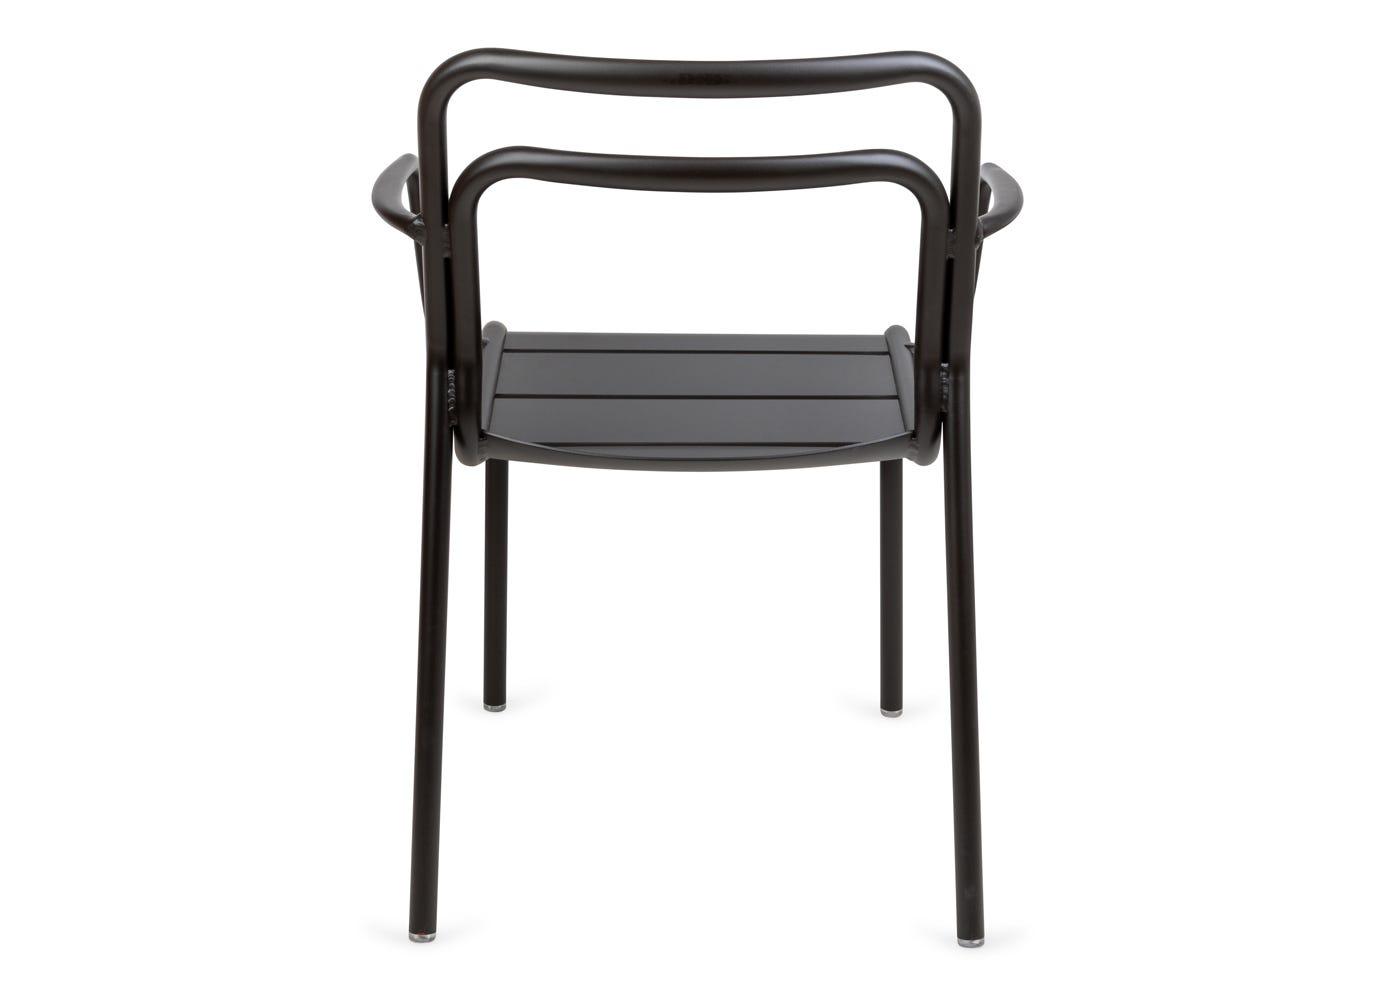 As shown: Petra outdoor armchair in dark grey - Rear profile.